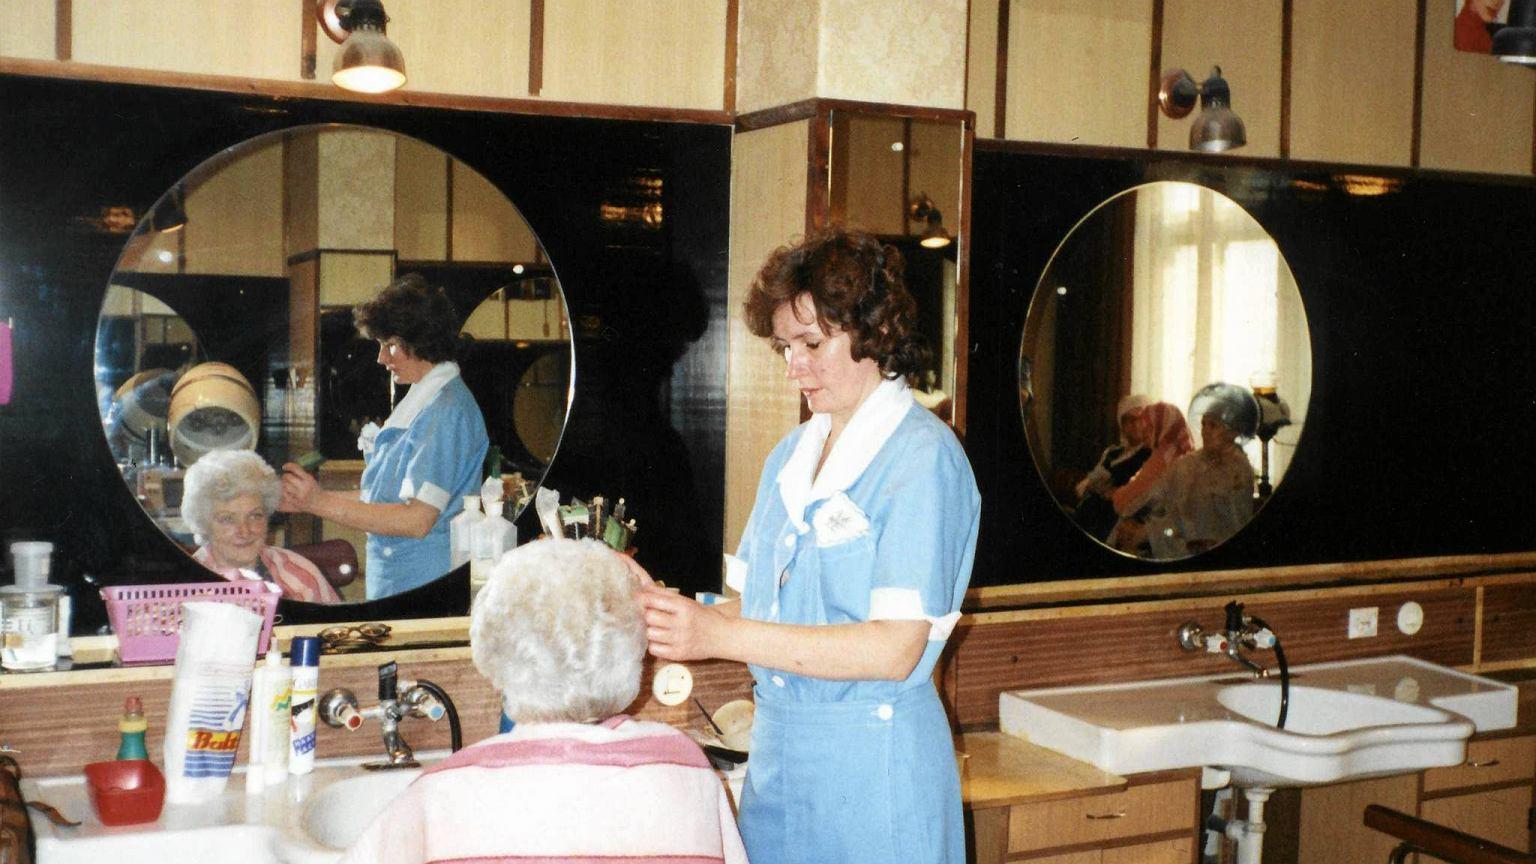 Salon fryzjerski ewa zielona gora